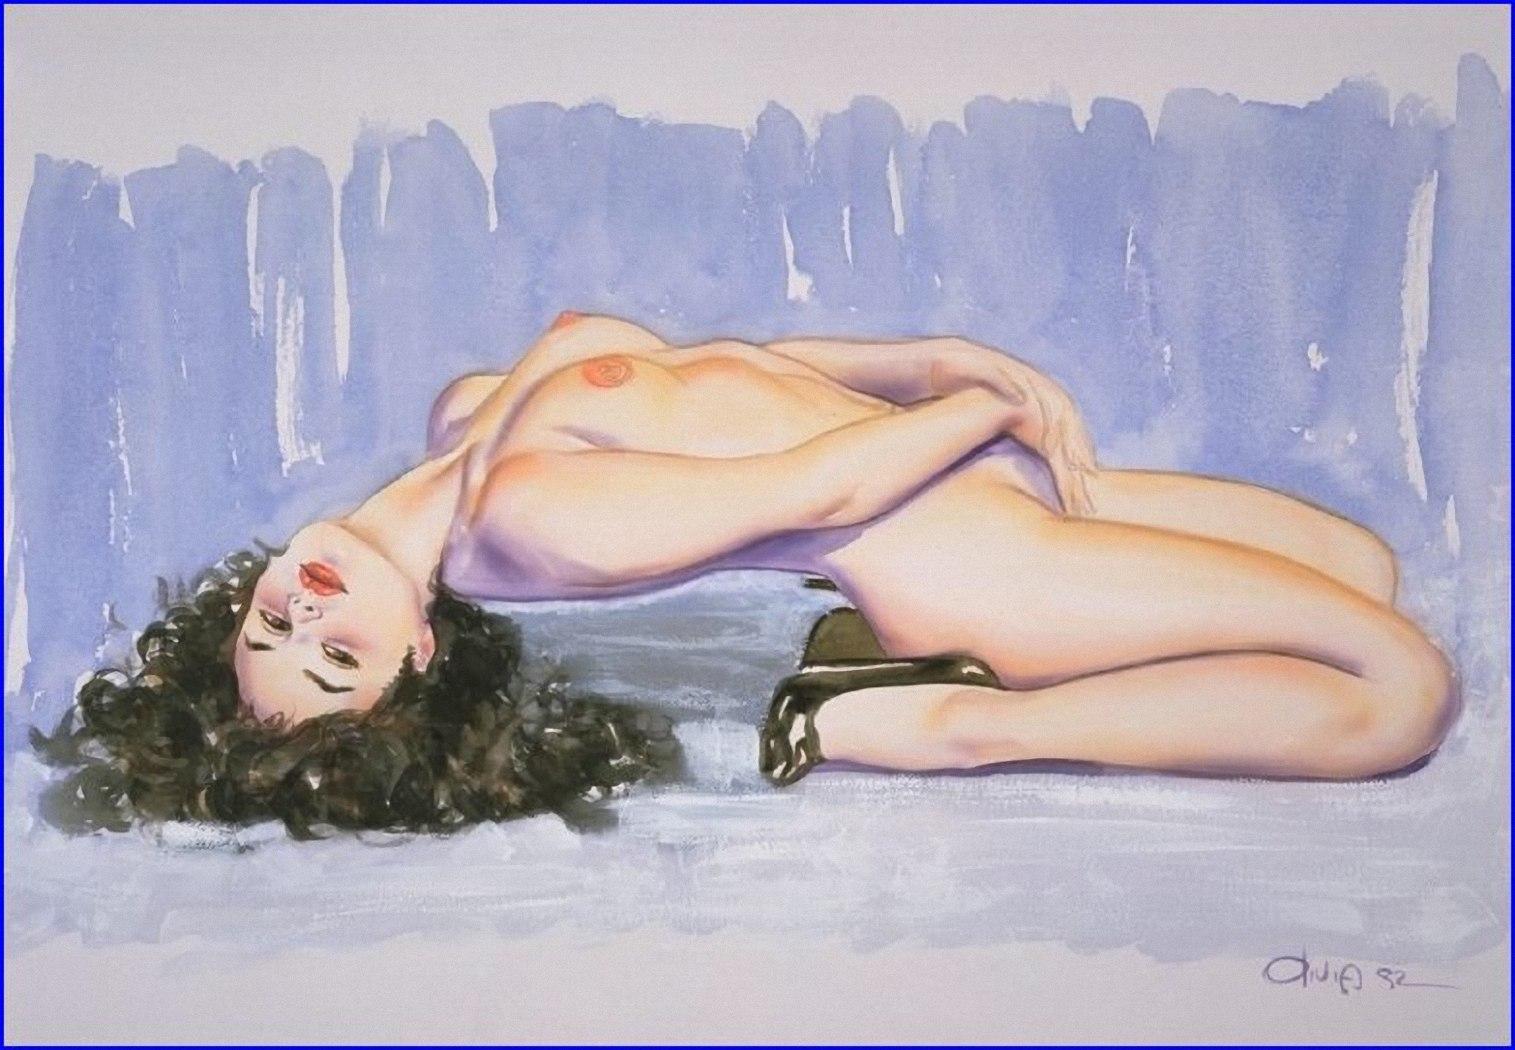 Эротические картинки срисовать, Секс в рисунках. - Рисованная эротика 4 фотография